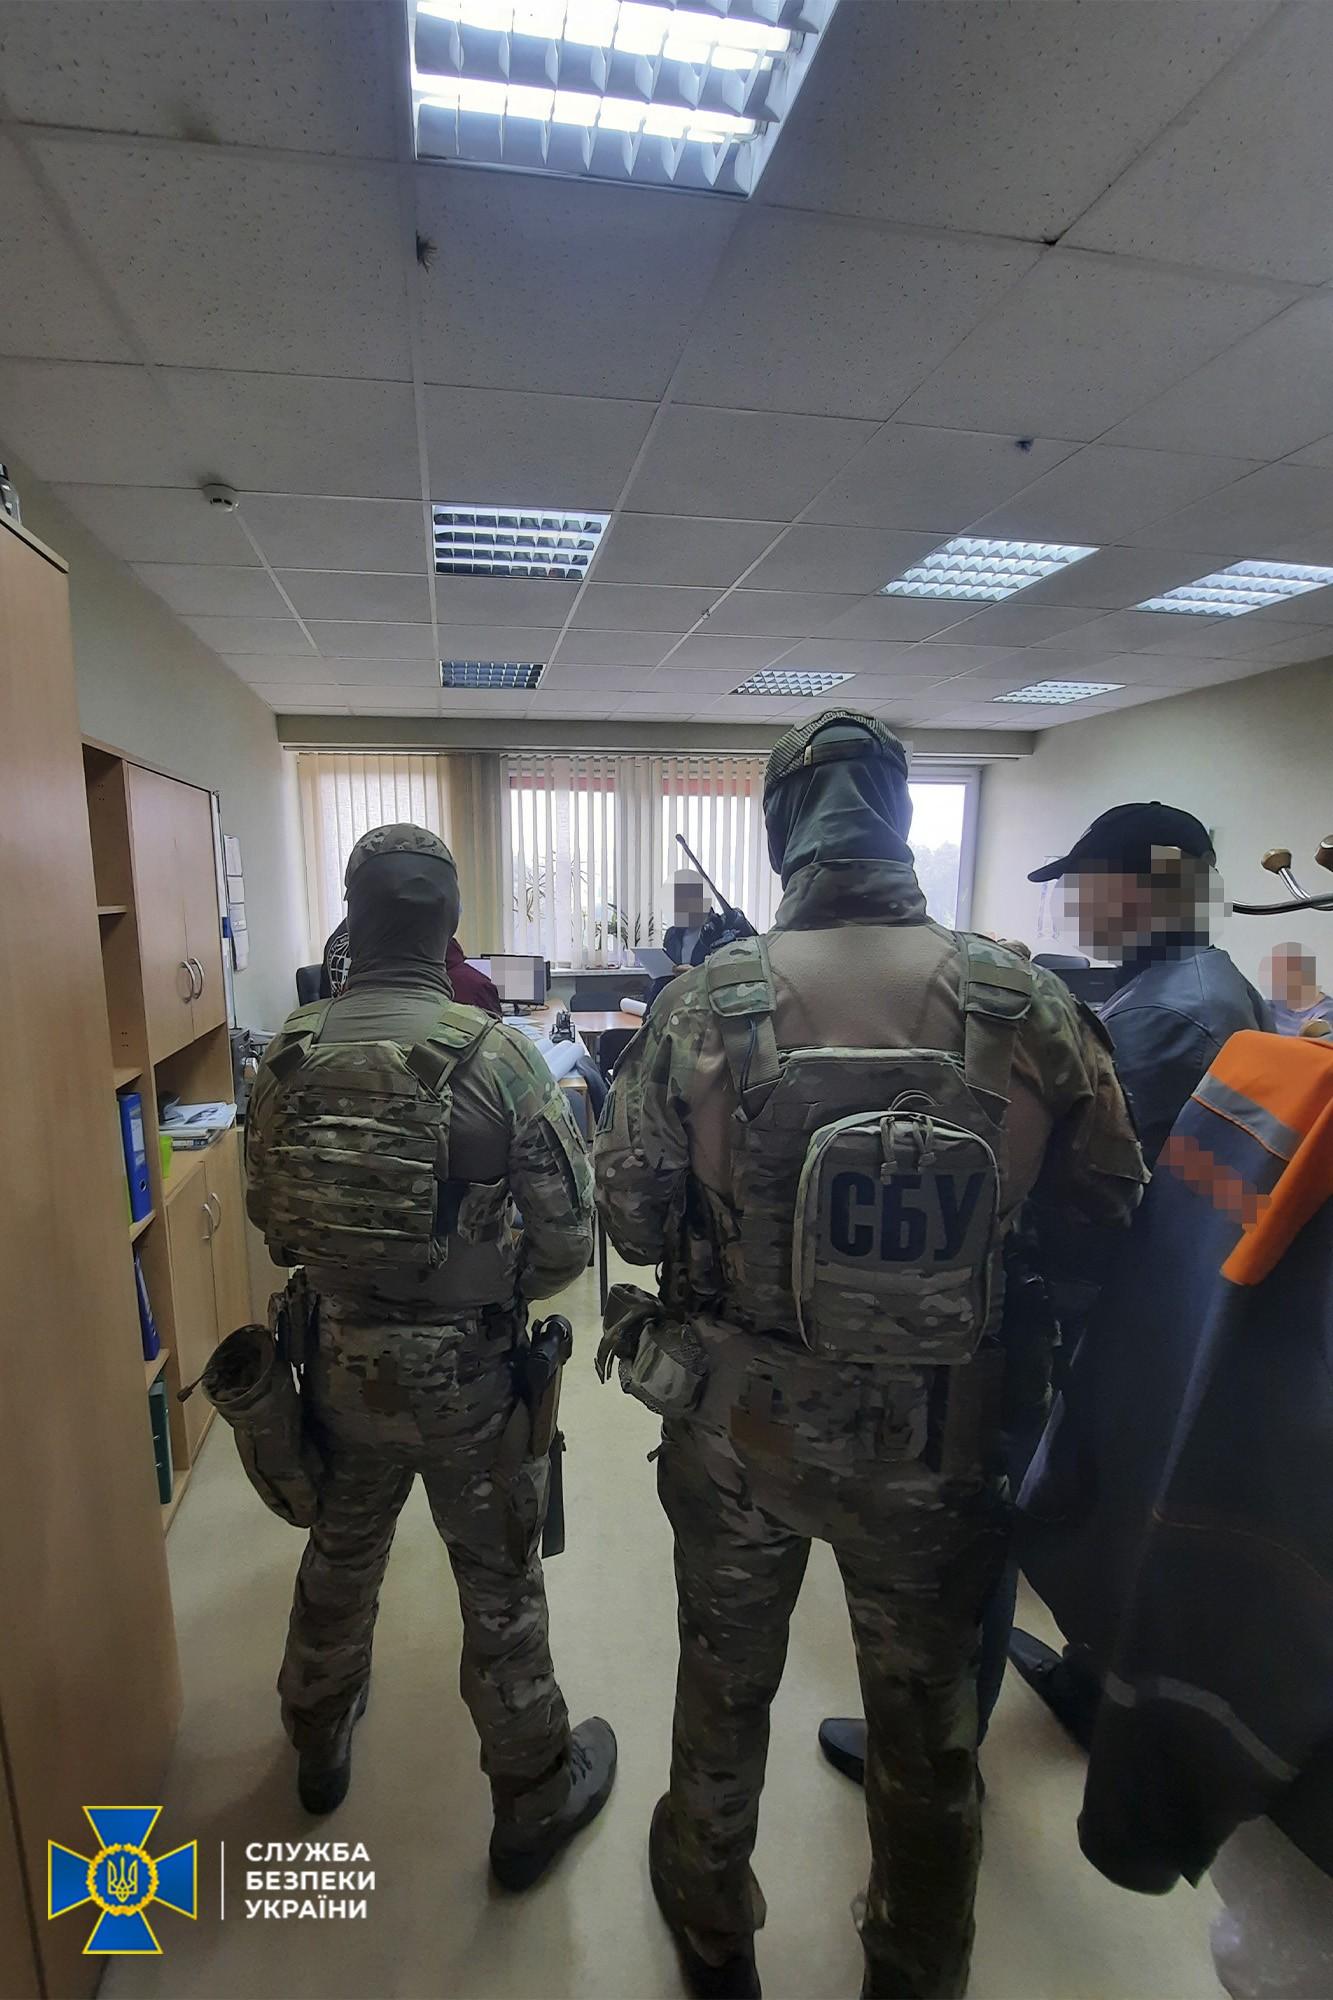 Украинское конструкторское бюро для РФ модернизировало инфраструктуру оккупированного Крыма (ФОТО) - фото 2